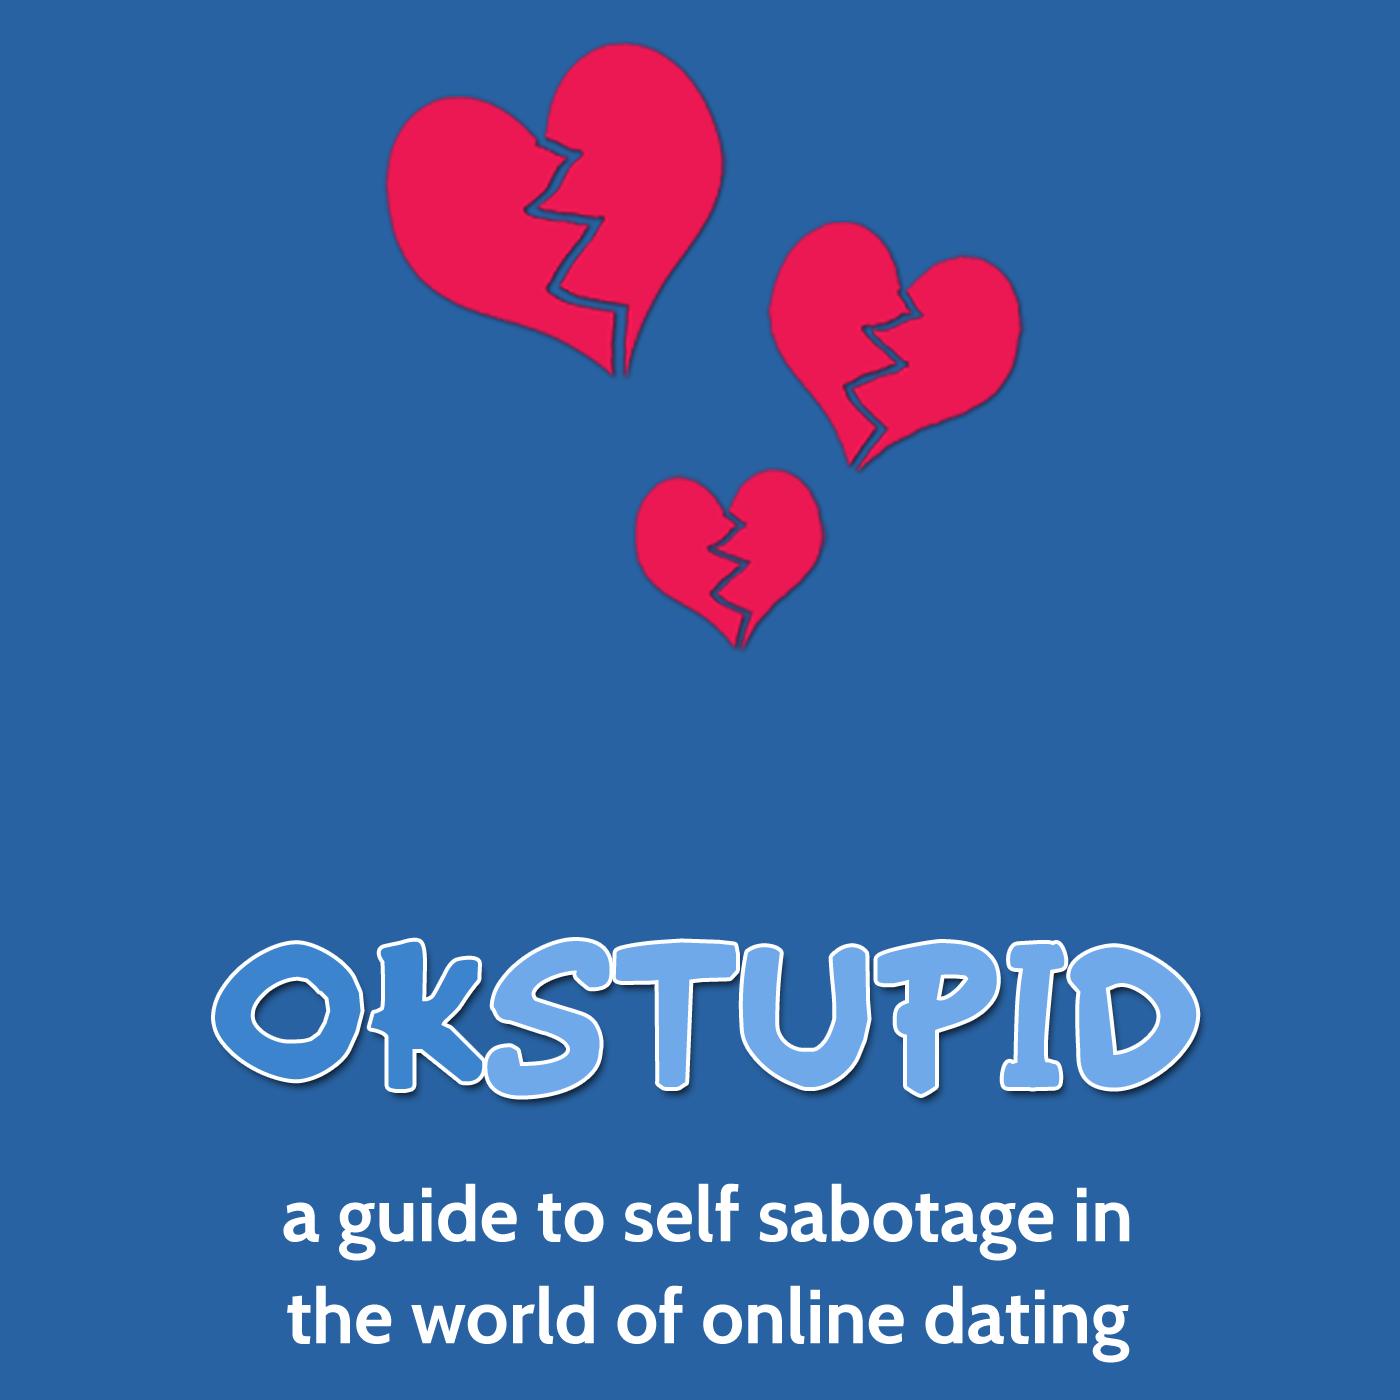 OK Stupid